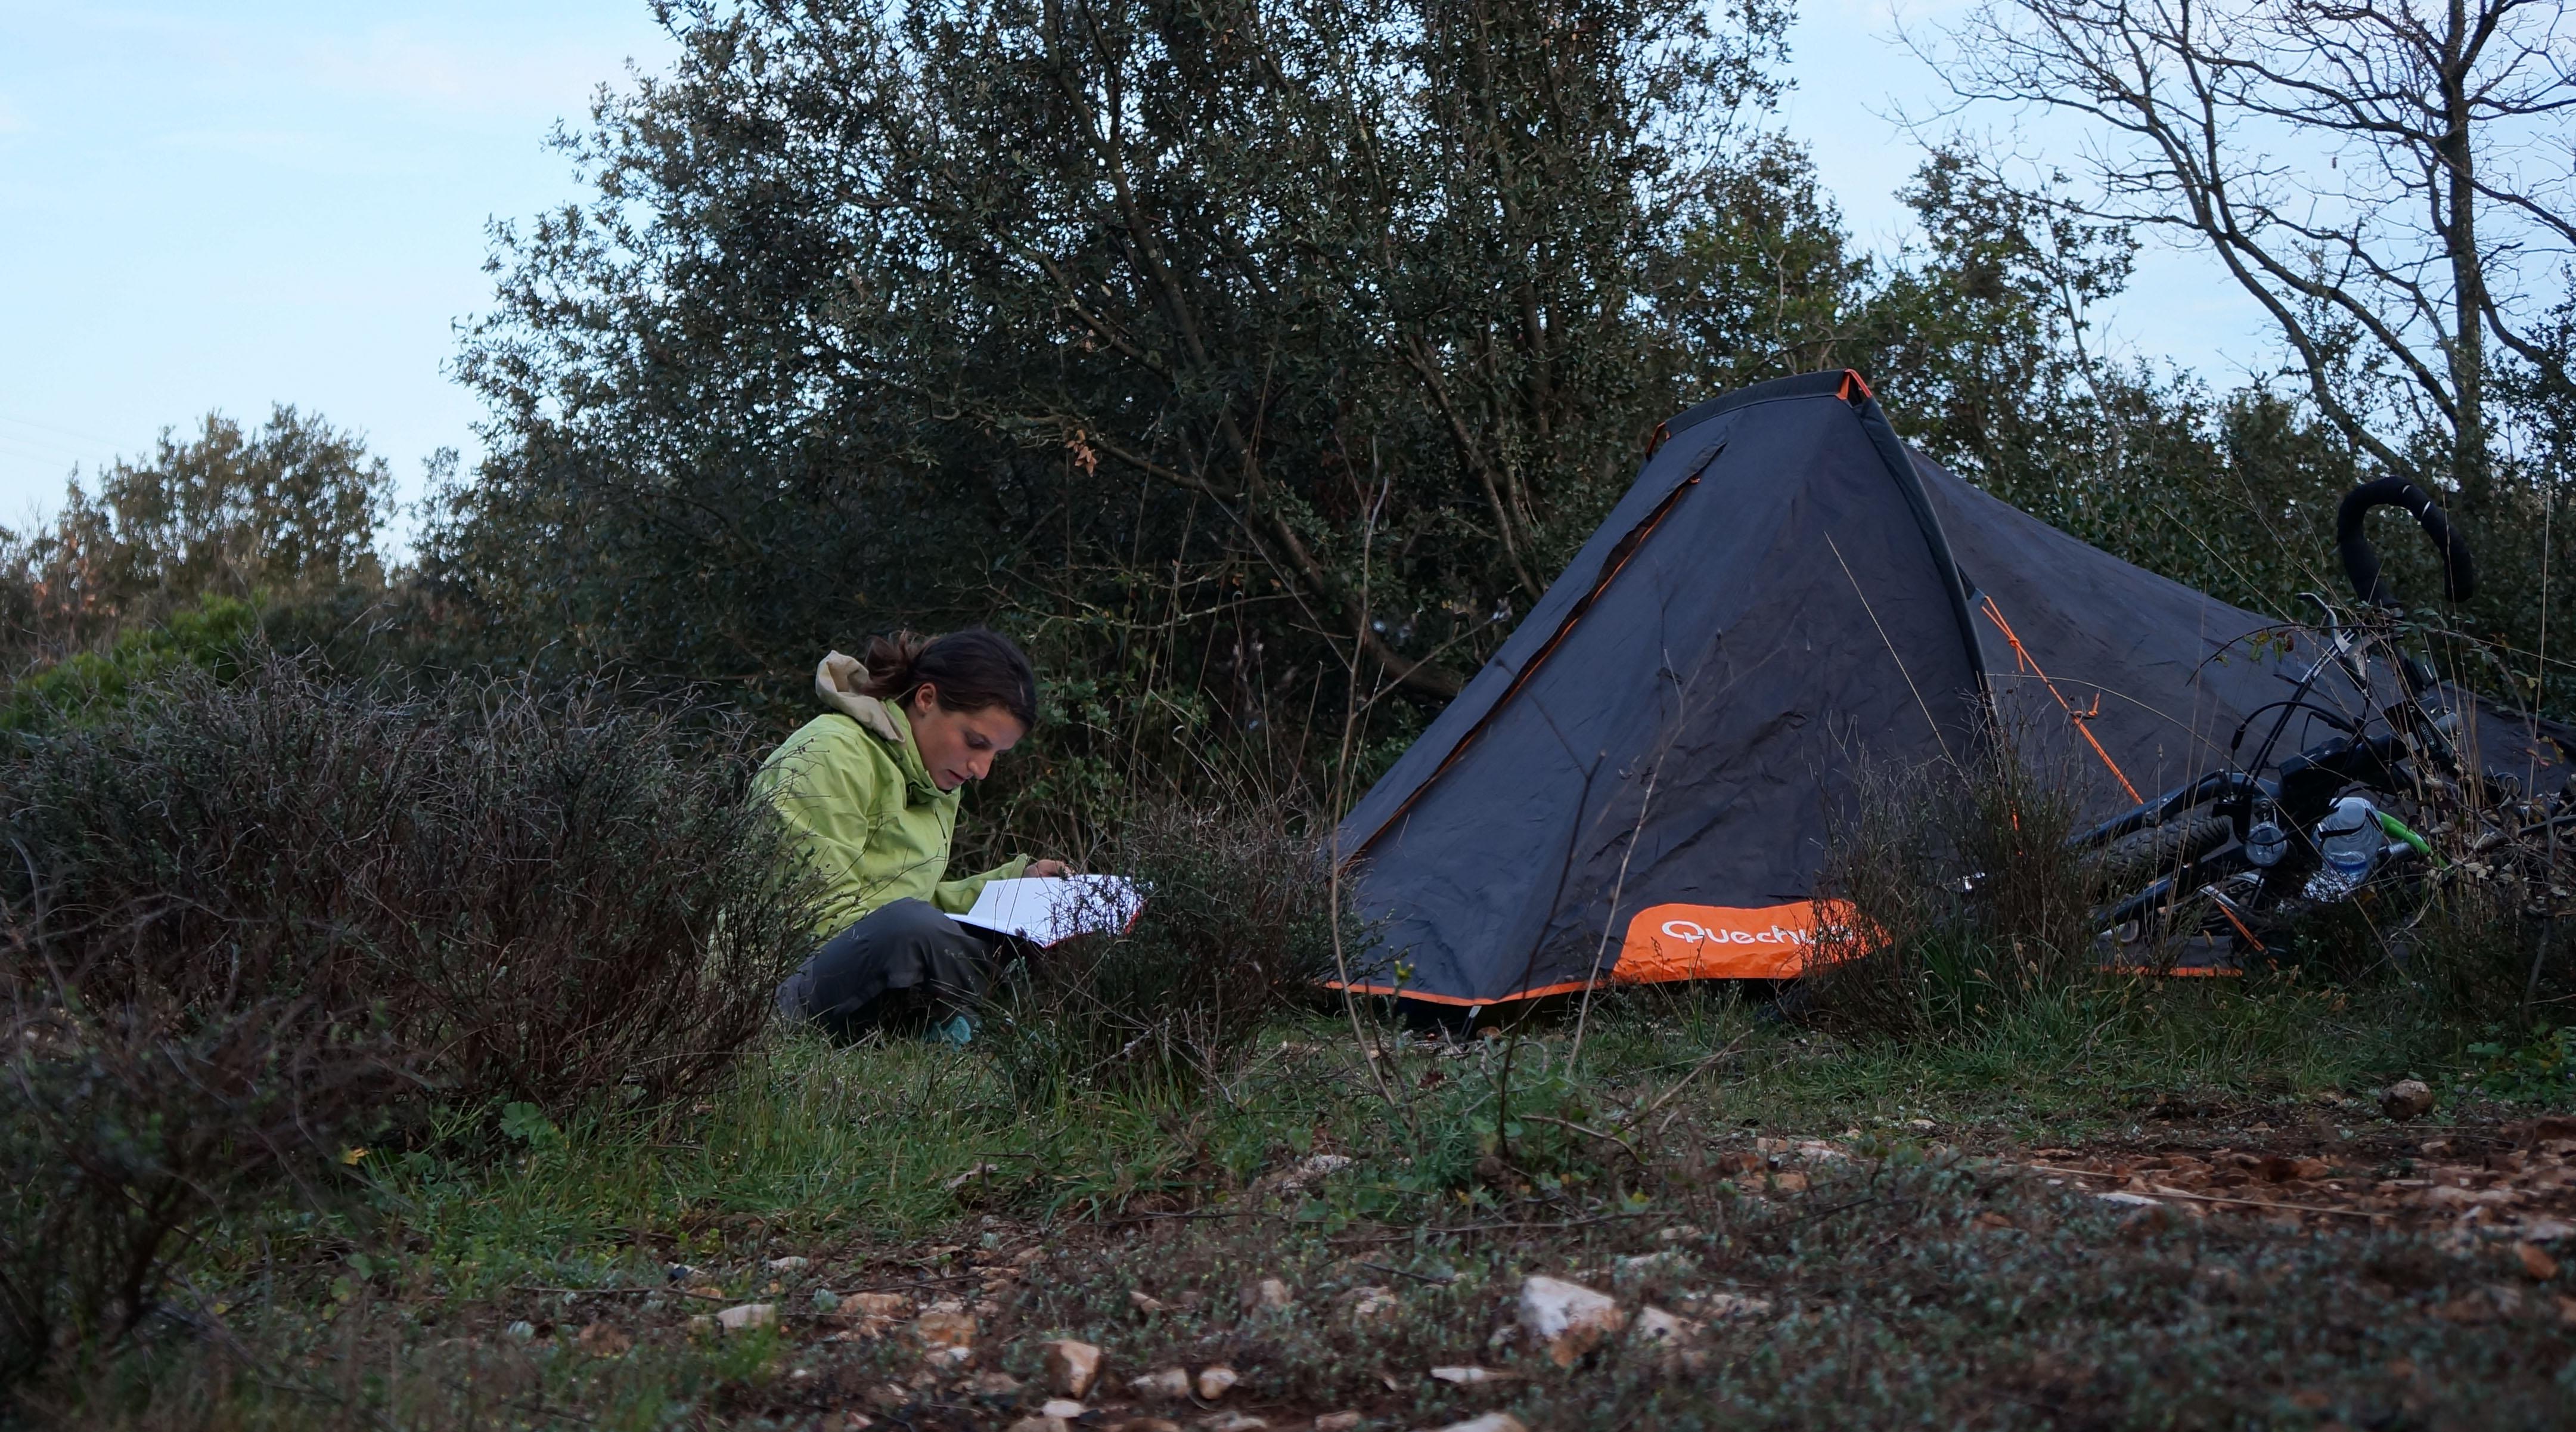 tour de l'Hérault - hérault à vélo - camping sauvage - préparer son voyage à vélo